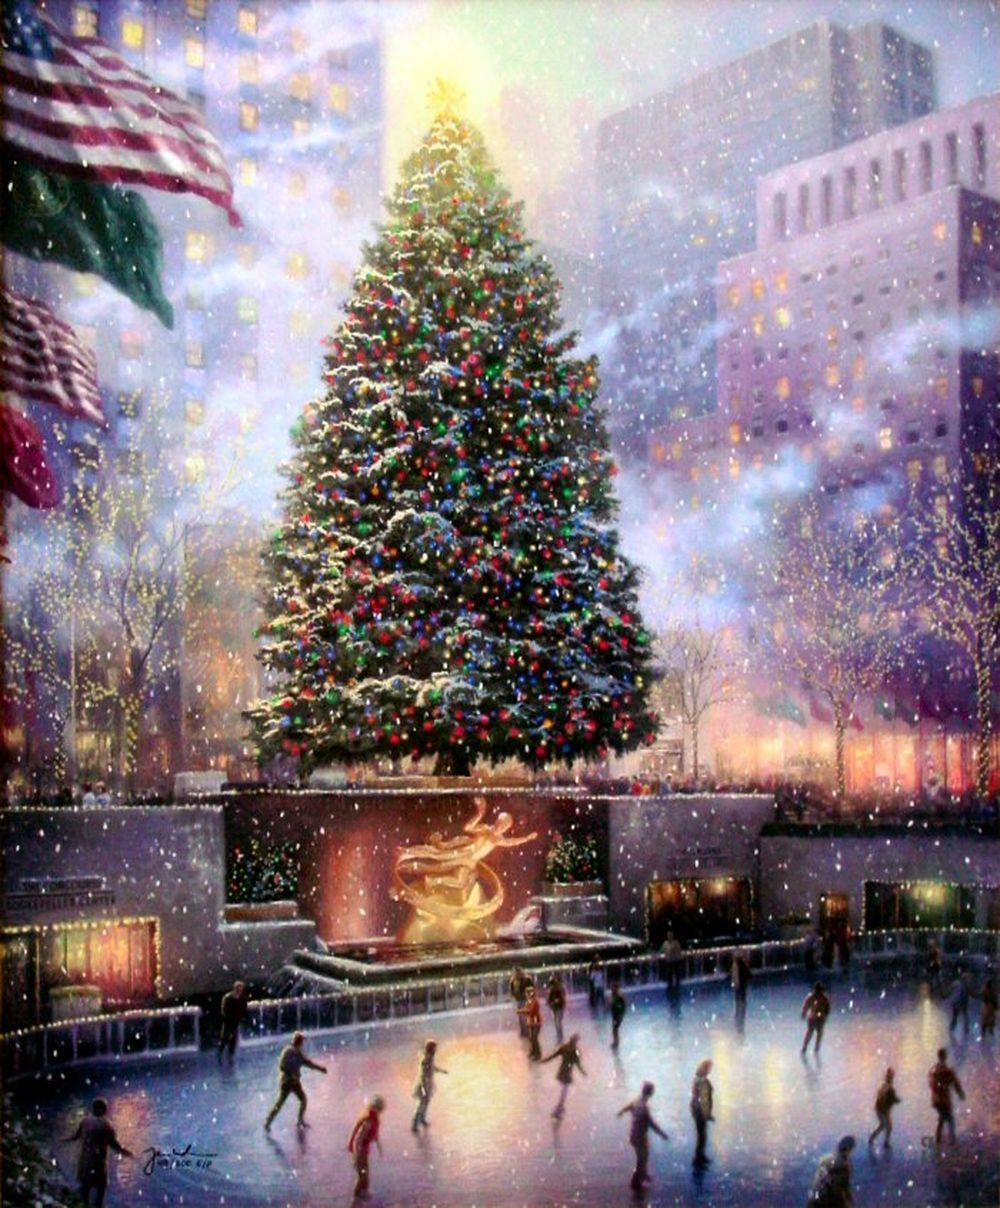 Дивовижні різдвяні картини, які створять святковий настрій  - фото 10